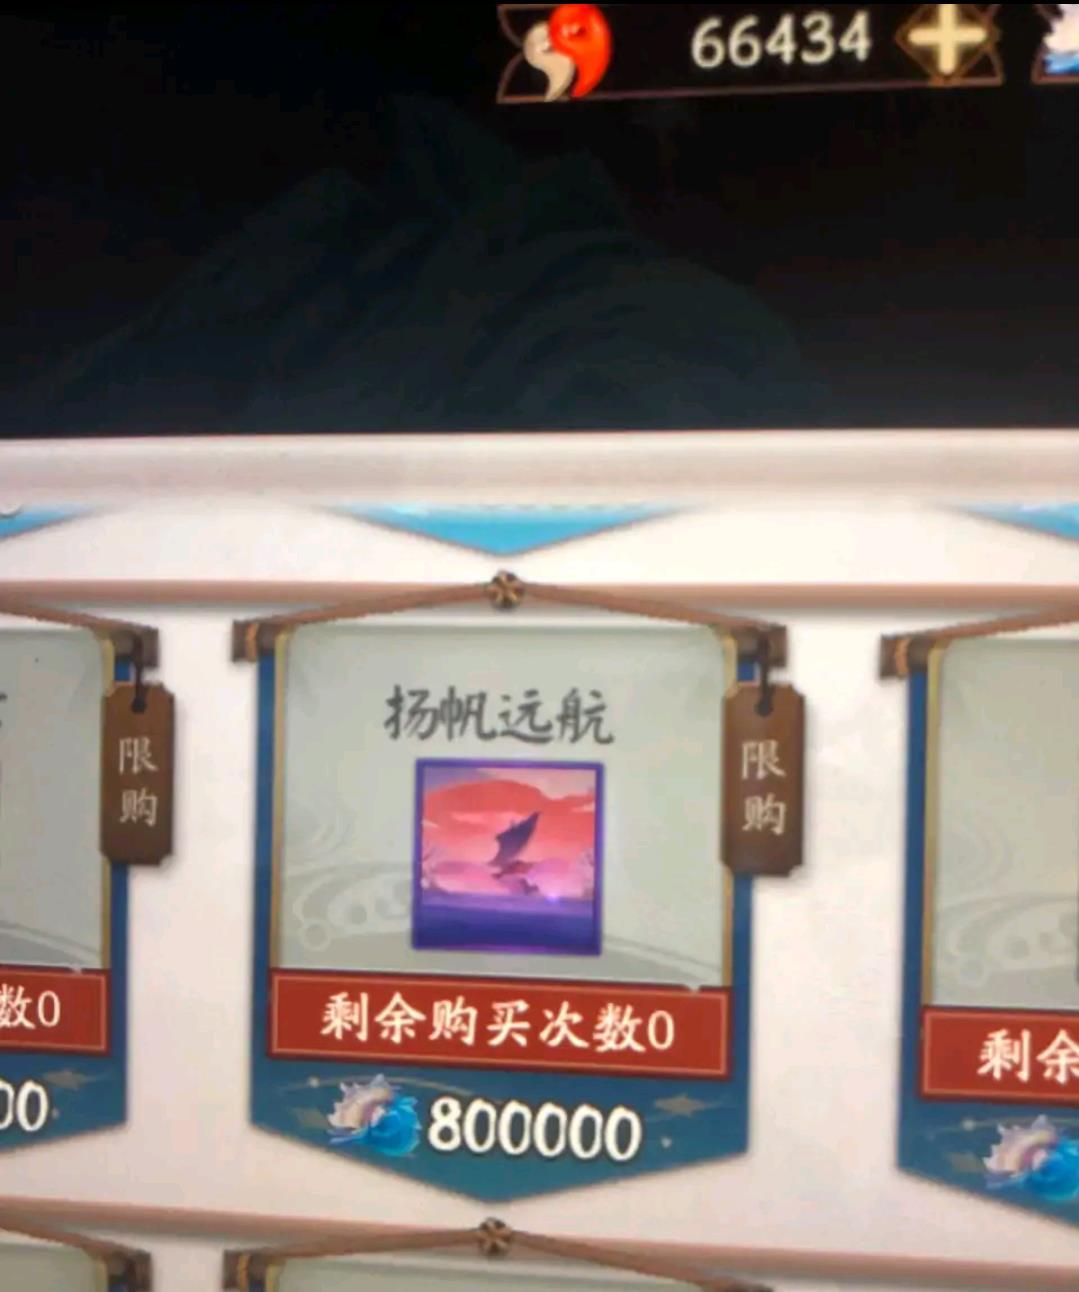 兵魂_阴阳师:铁鼠对弈活动太会玩,直接给玩家没有属性的式神?-第8张图片-游戏摸鱼怪